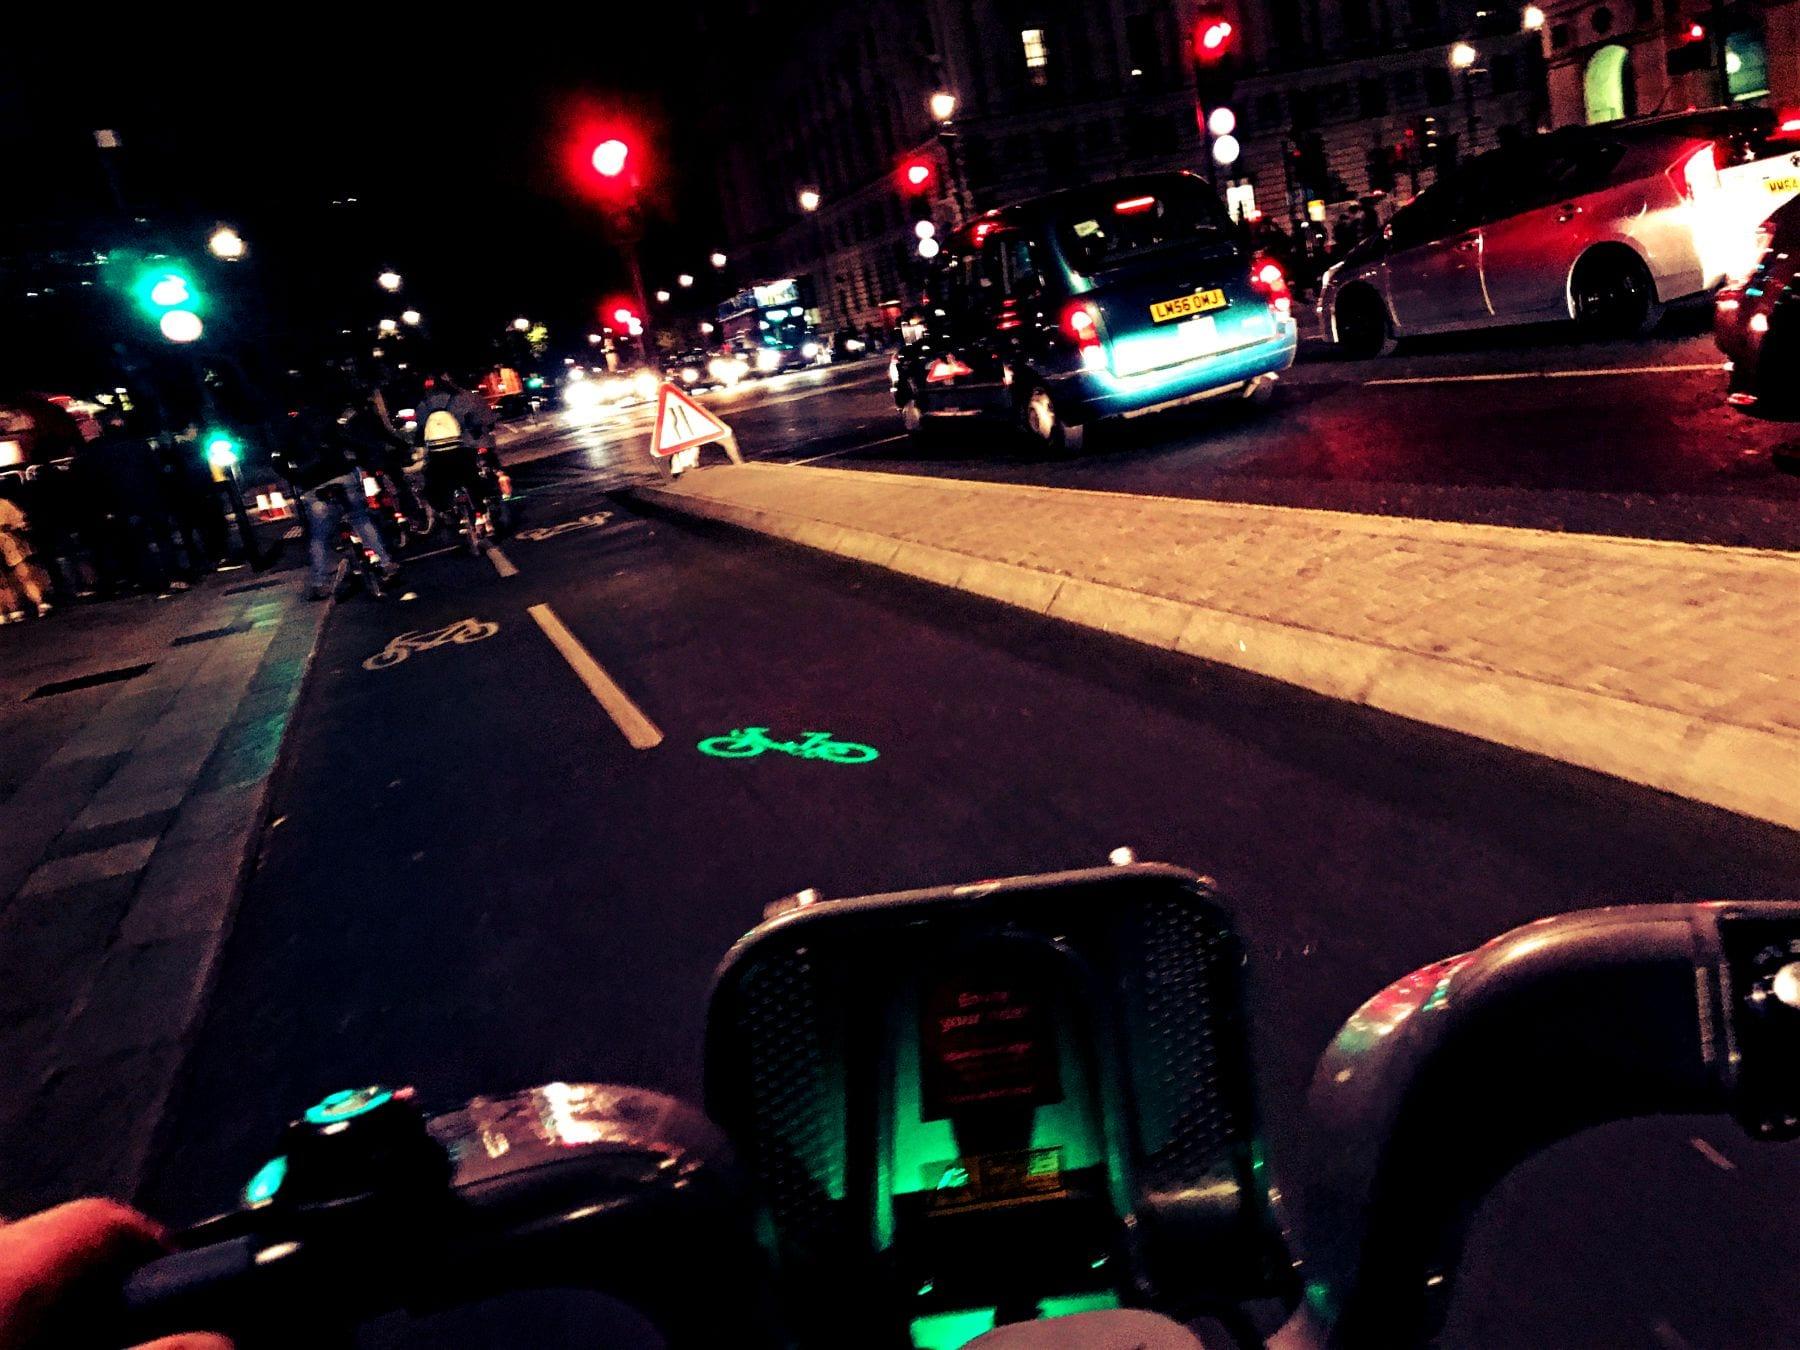 Die Fahrräder haben ausreichend Licht, sodass man auch im Dunkeln durch London fahren kann!